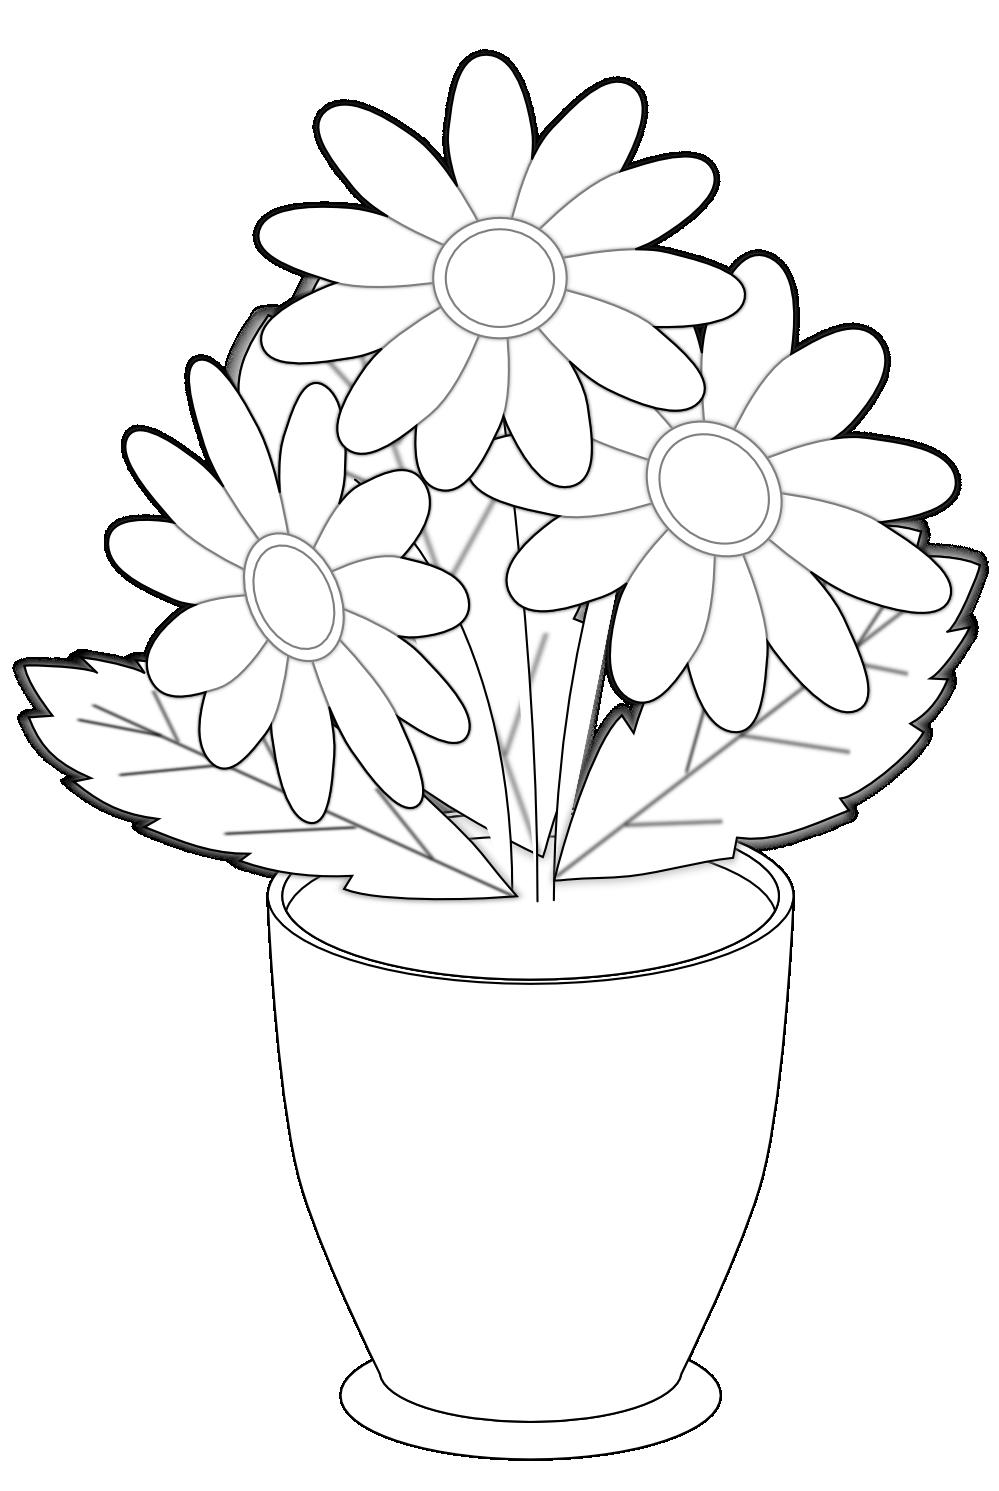 Daisy s Vase Black White Flower Shrub xochi.info SVG xochi ...